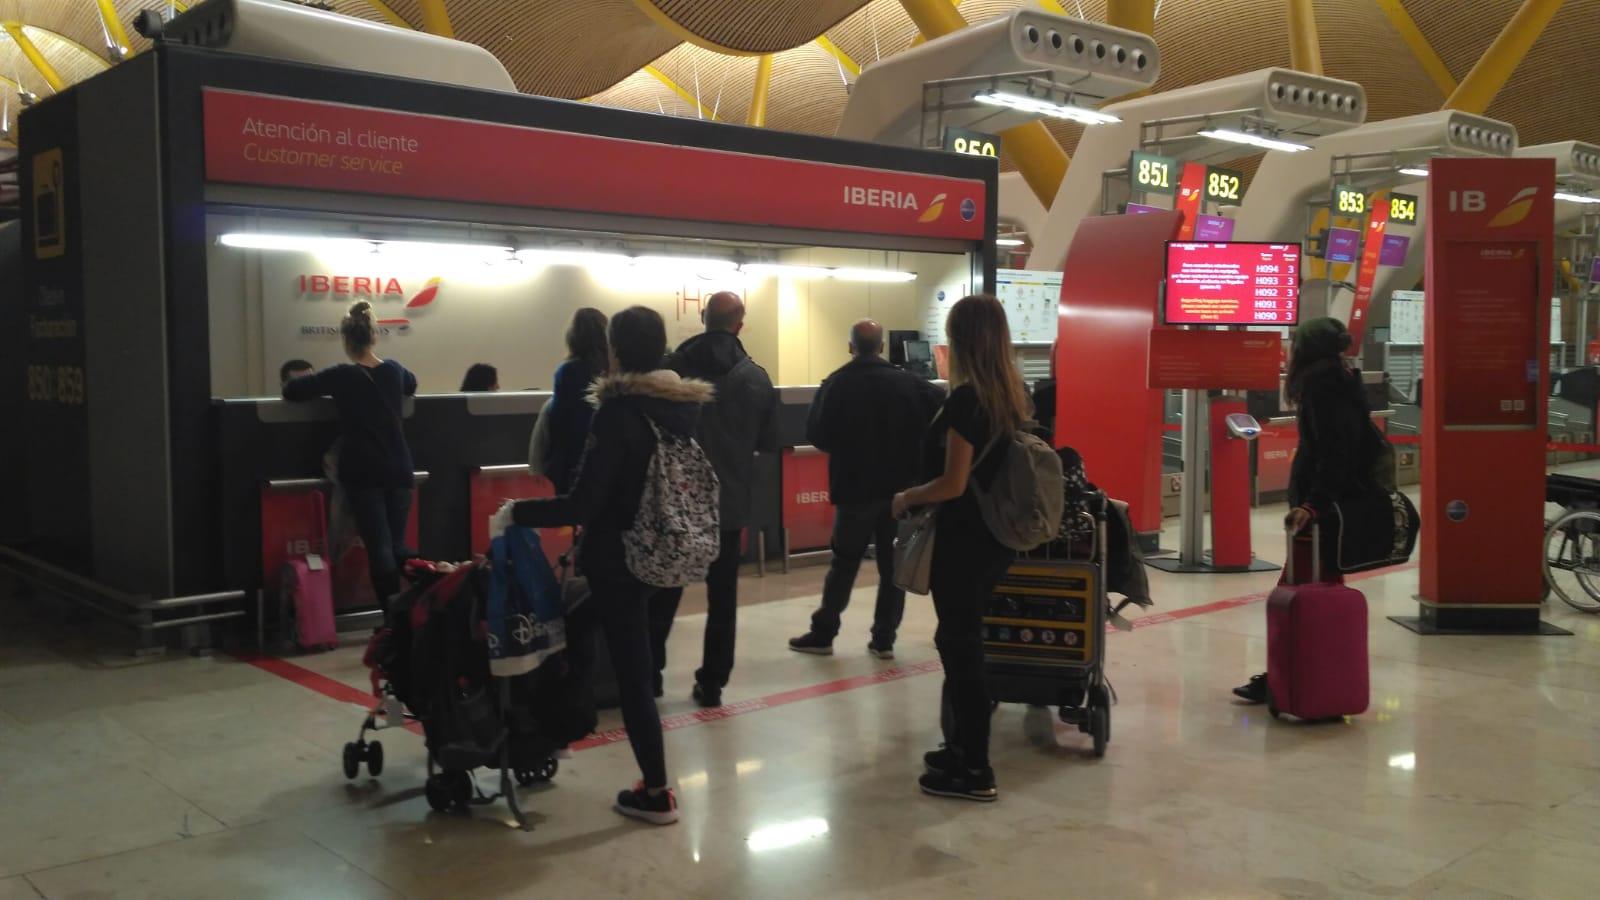 Los pasajeros afectados tuvieron que reclamar ante los mostradores de Iberia en el Aeropuerto de Madrid-Barajas.